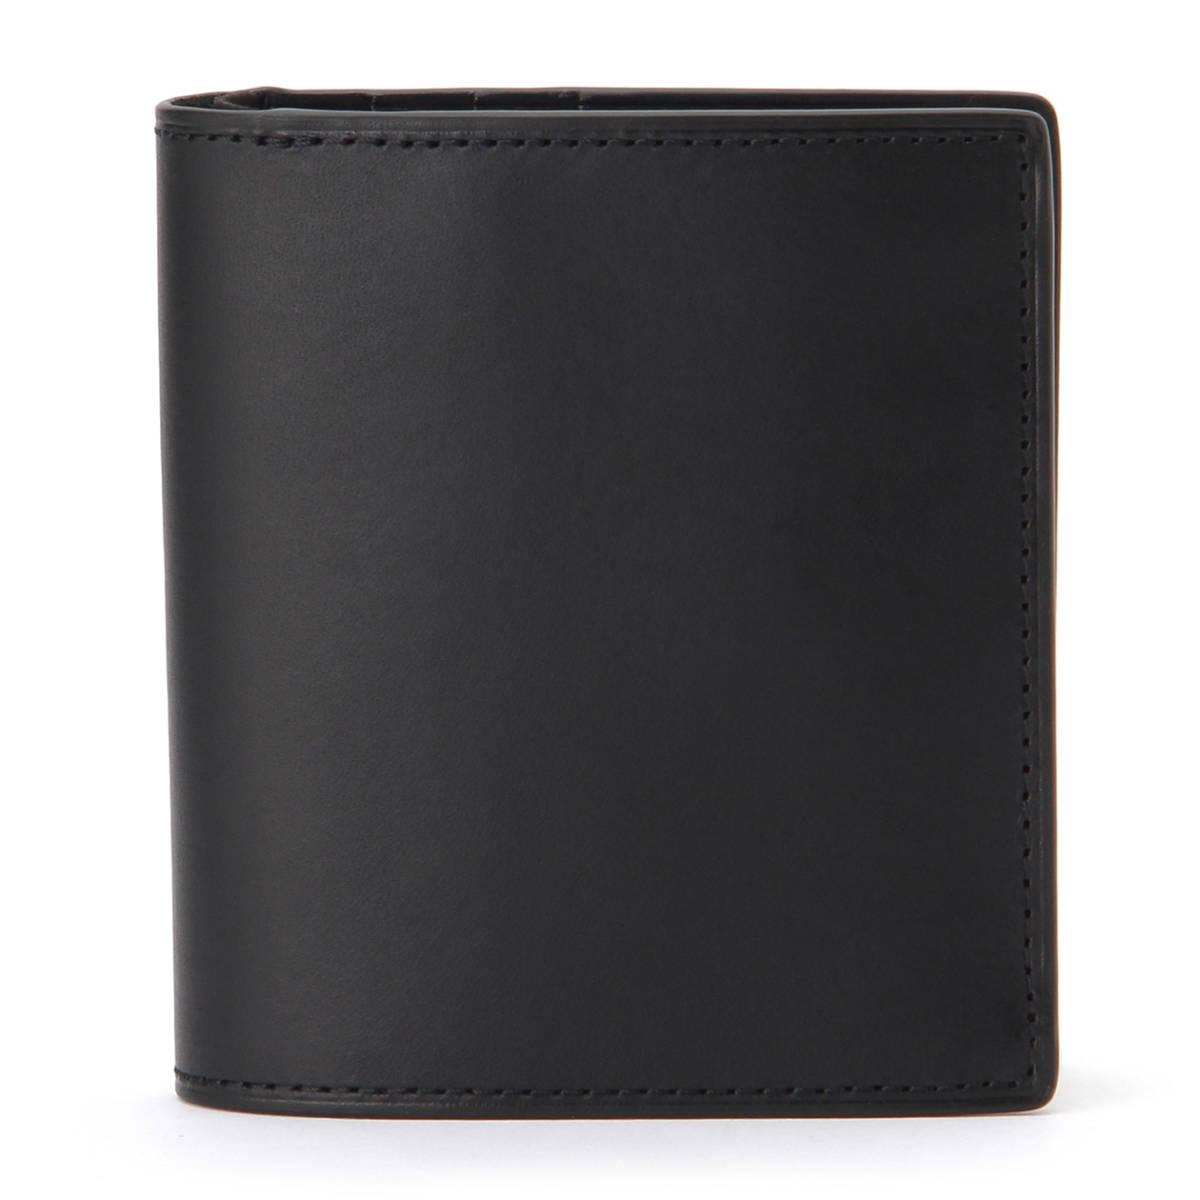 新品 無印良品 MUJI イタリア産 ヌメ革 二つ折り 財布 ブラック 正規品